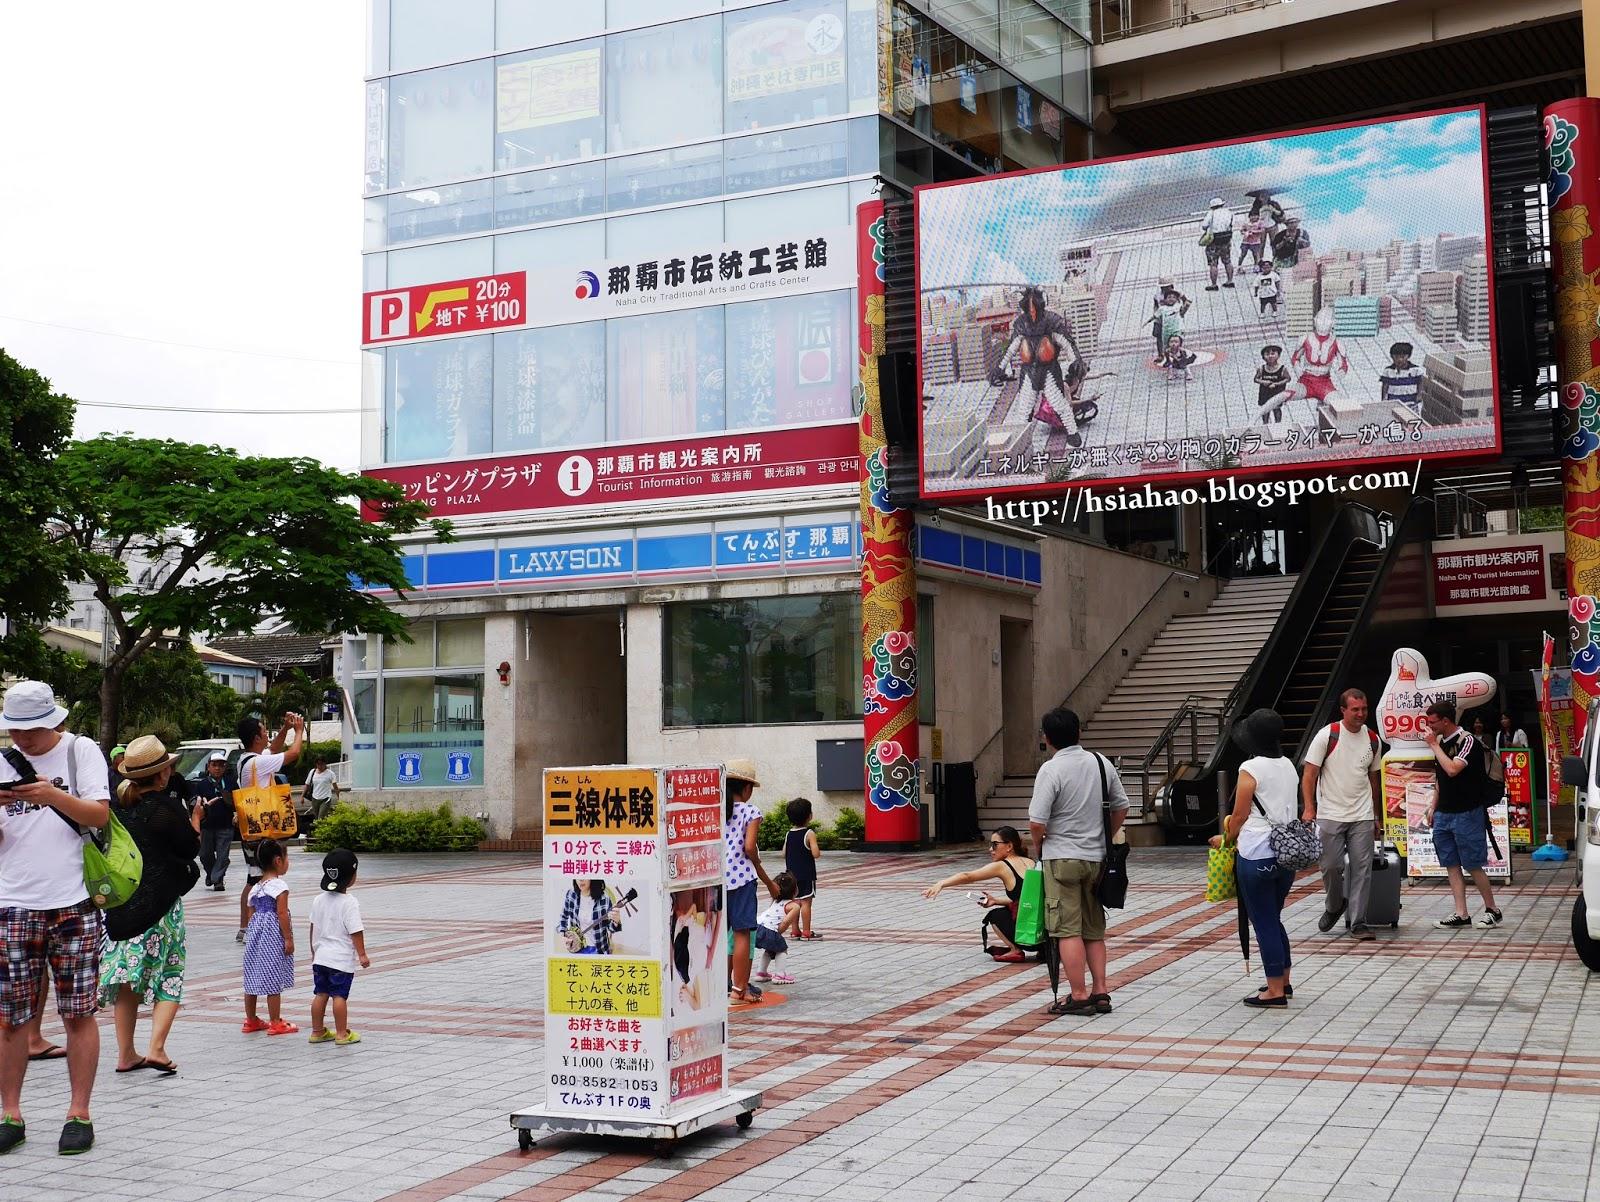 沖繩-國際通-觀光案內所-逛街-國際通景點-自由行-Okinawa-kokusaidori